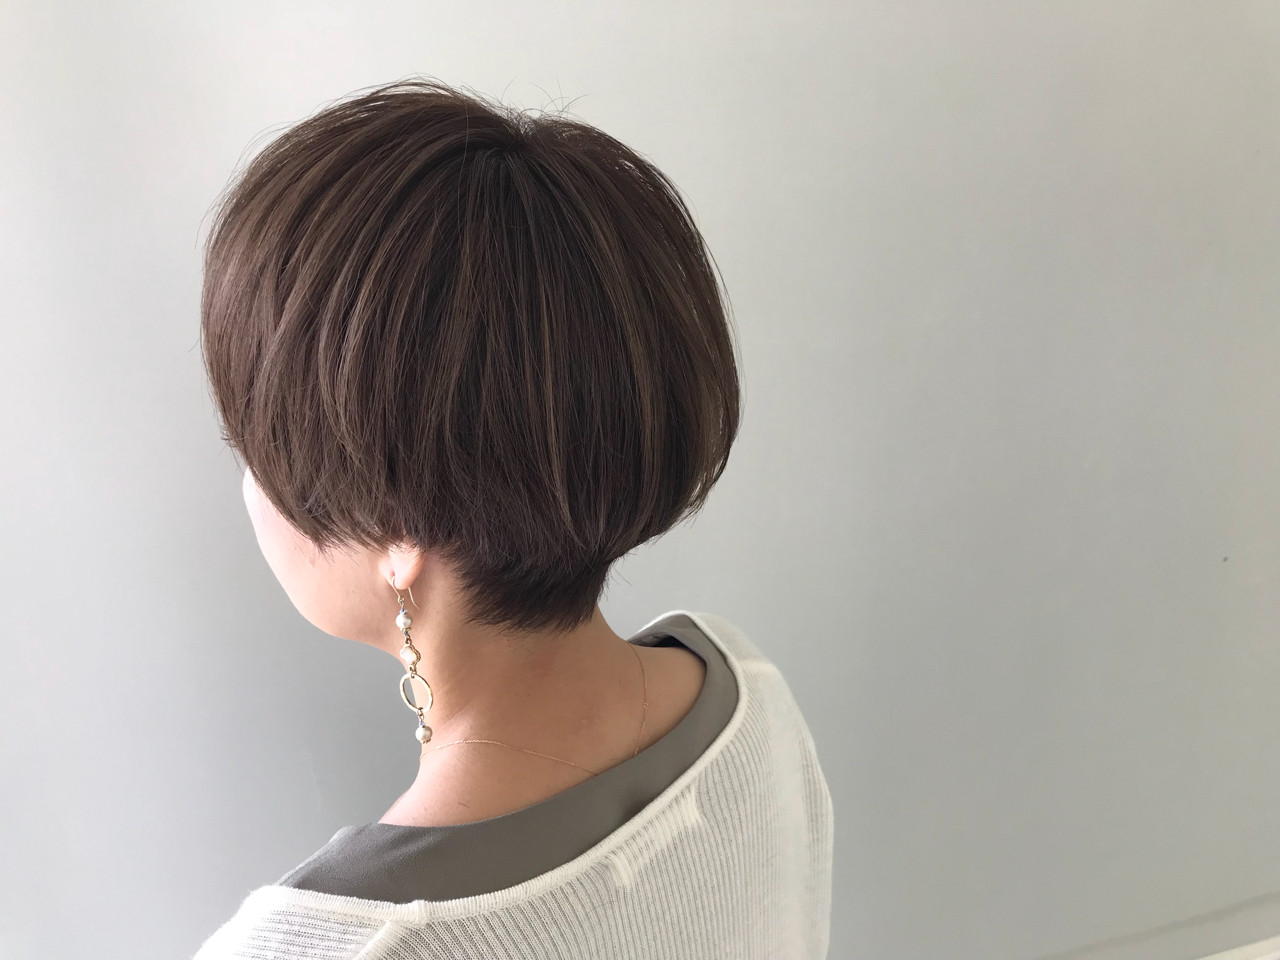 ナチュラル 大人女子 色気 ヘアアレンジ ヘアスタイルや髪型の写真・画像 | 新谷 朋宏 / sorte